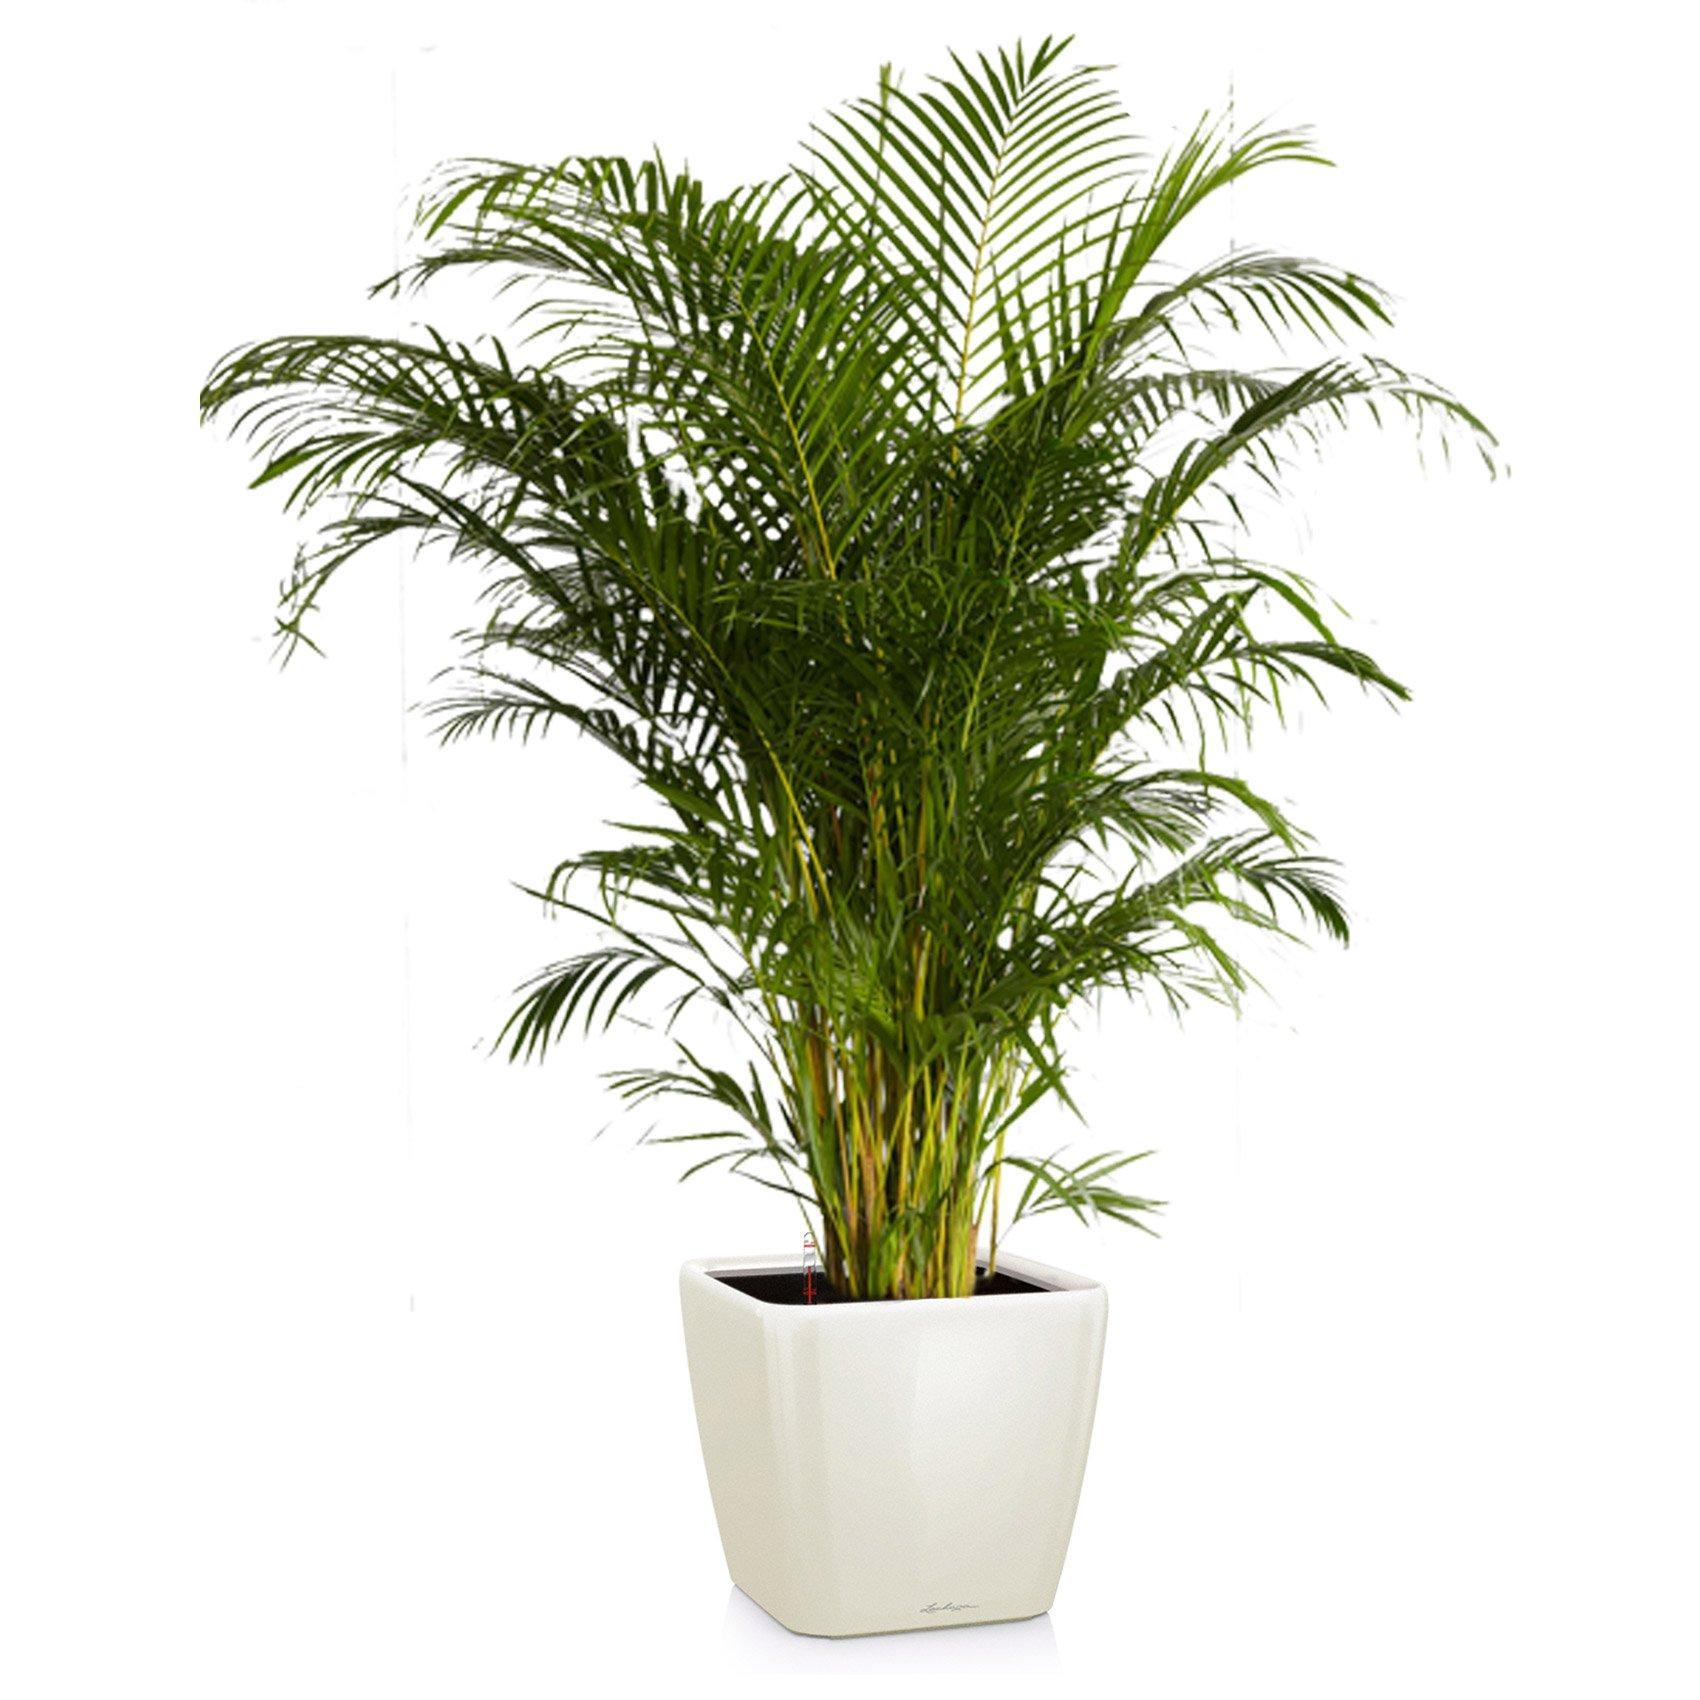 quadro-ls-chrysalidocarpus-areca_product_listingimage